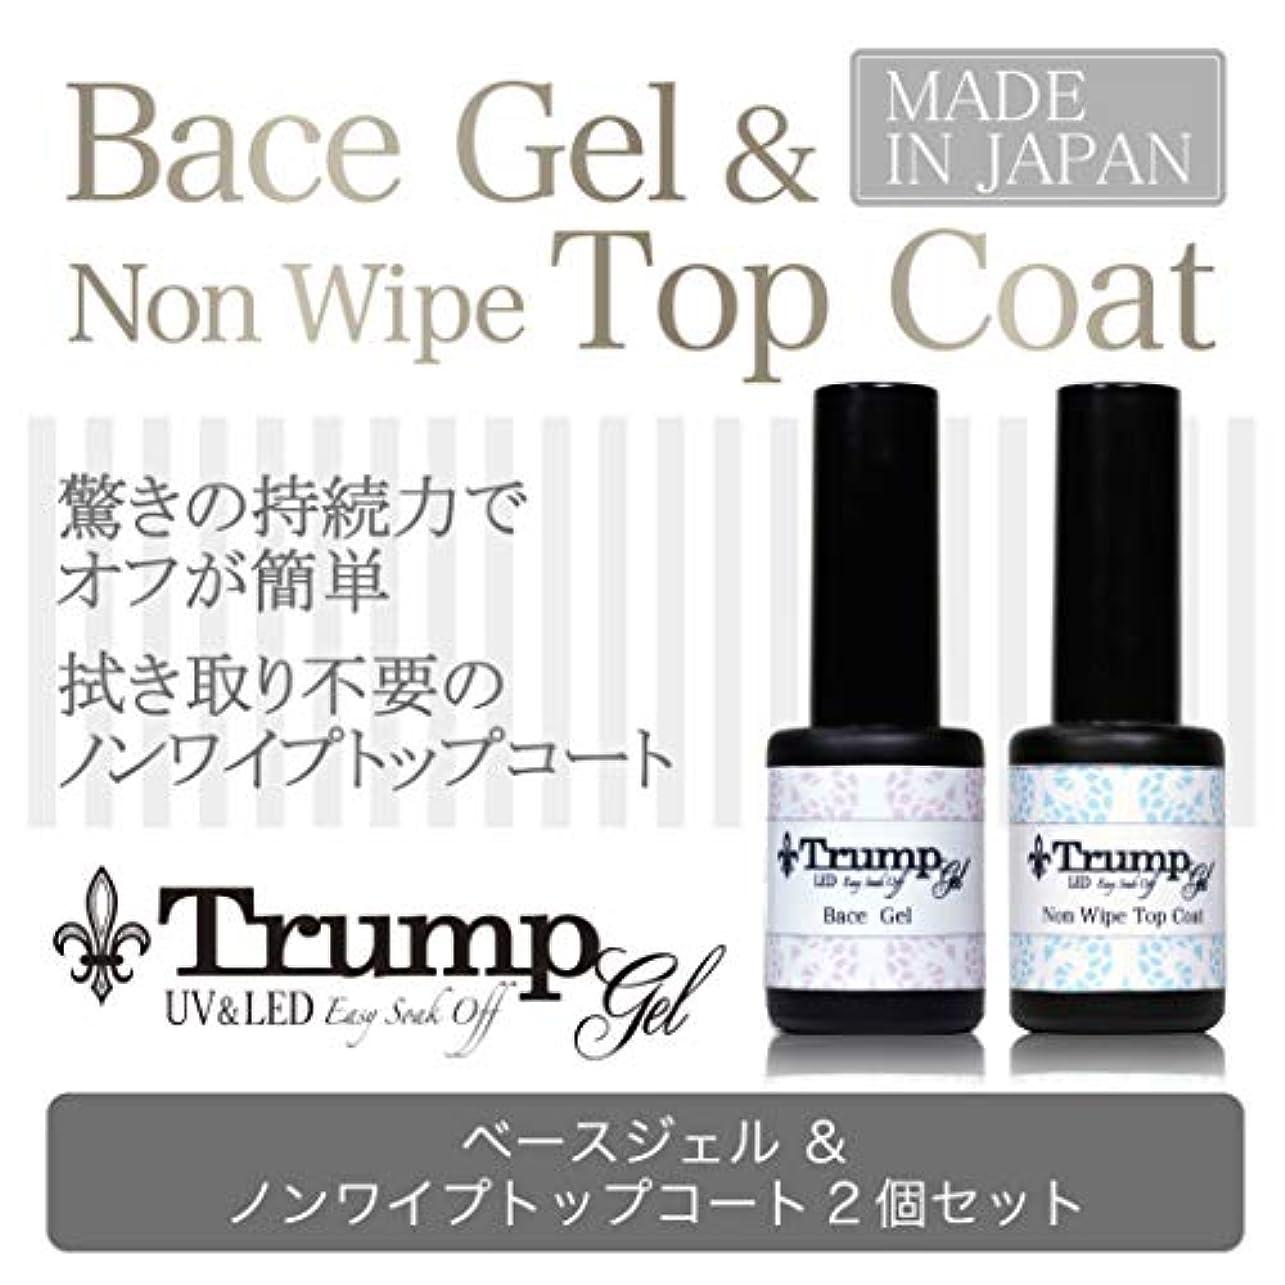 疑い美徳刺繍【日本製】Trump Gel ジェルネイルUV LED ベースジェル & ノンワイプトップコート 大容量10g×2本セット